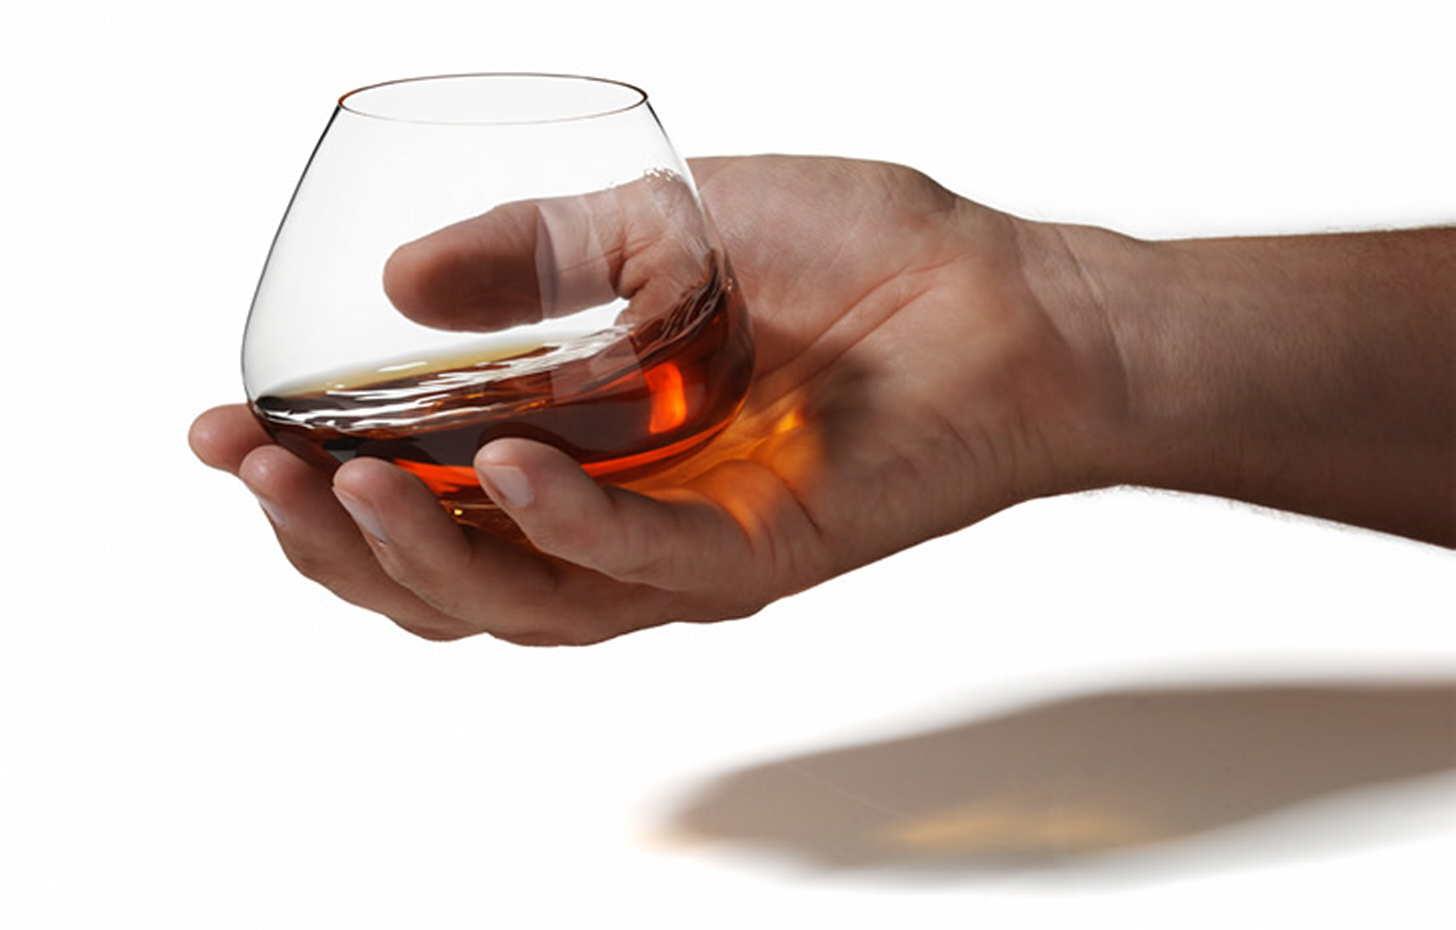 Как правильно пить коньяк: каким он должен быть и какие закуски к нему подавать, полезные советы специалистов